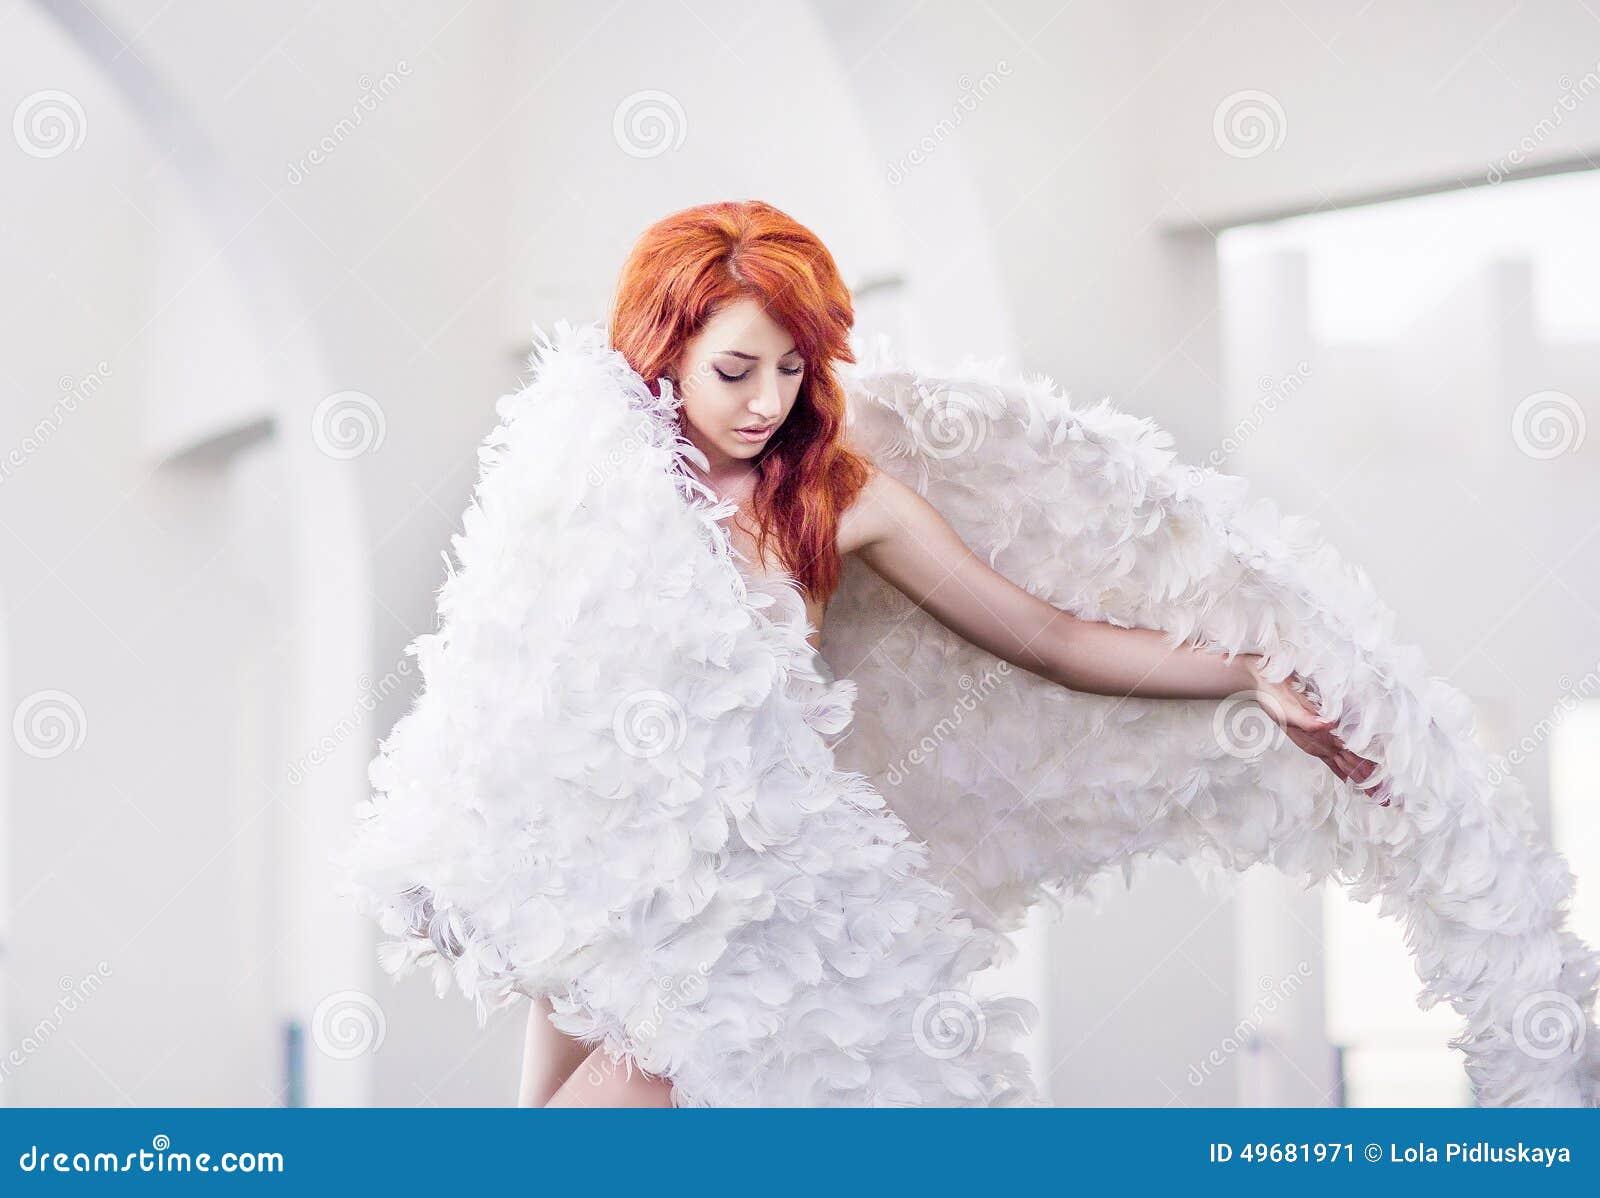 rothaariger engel bekommt doppel anal